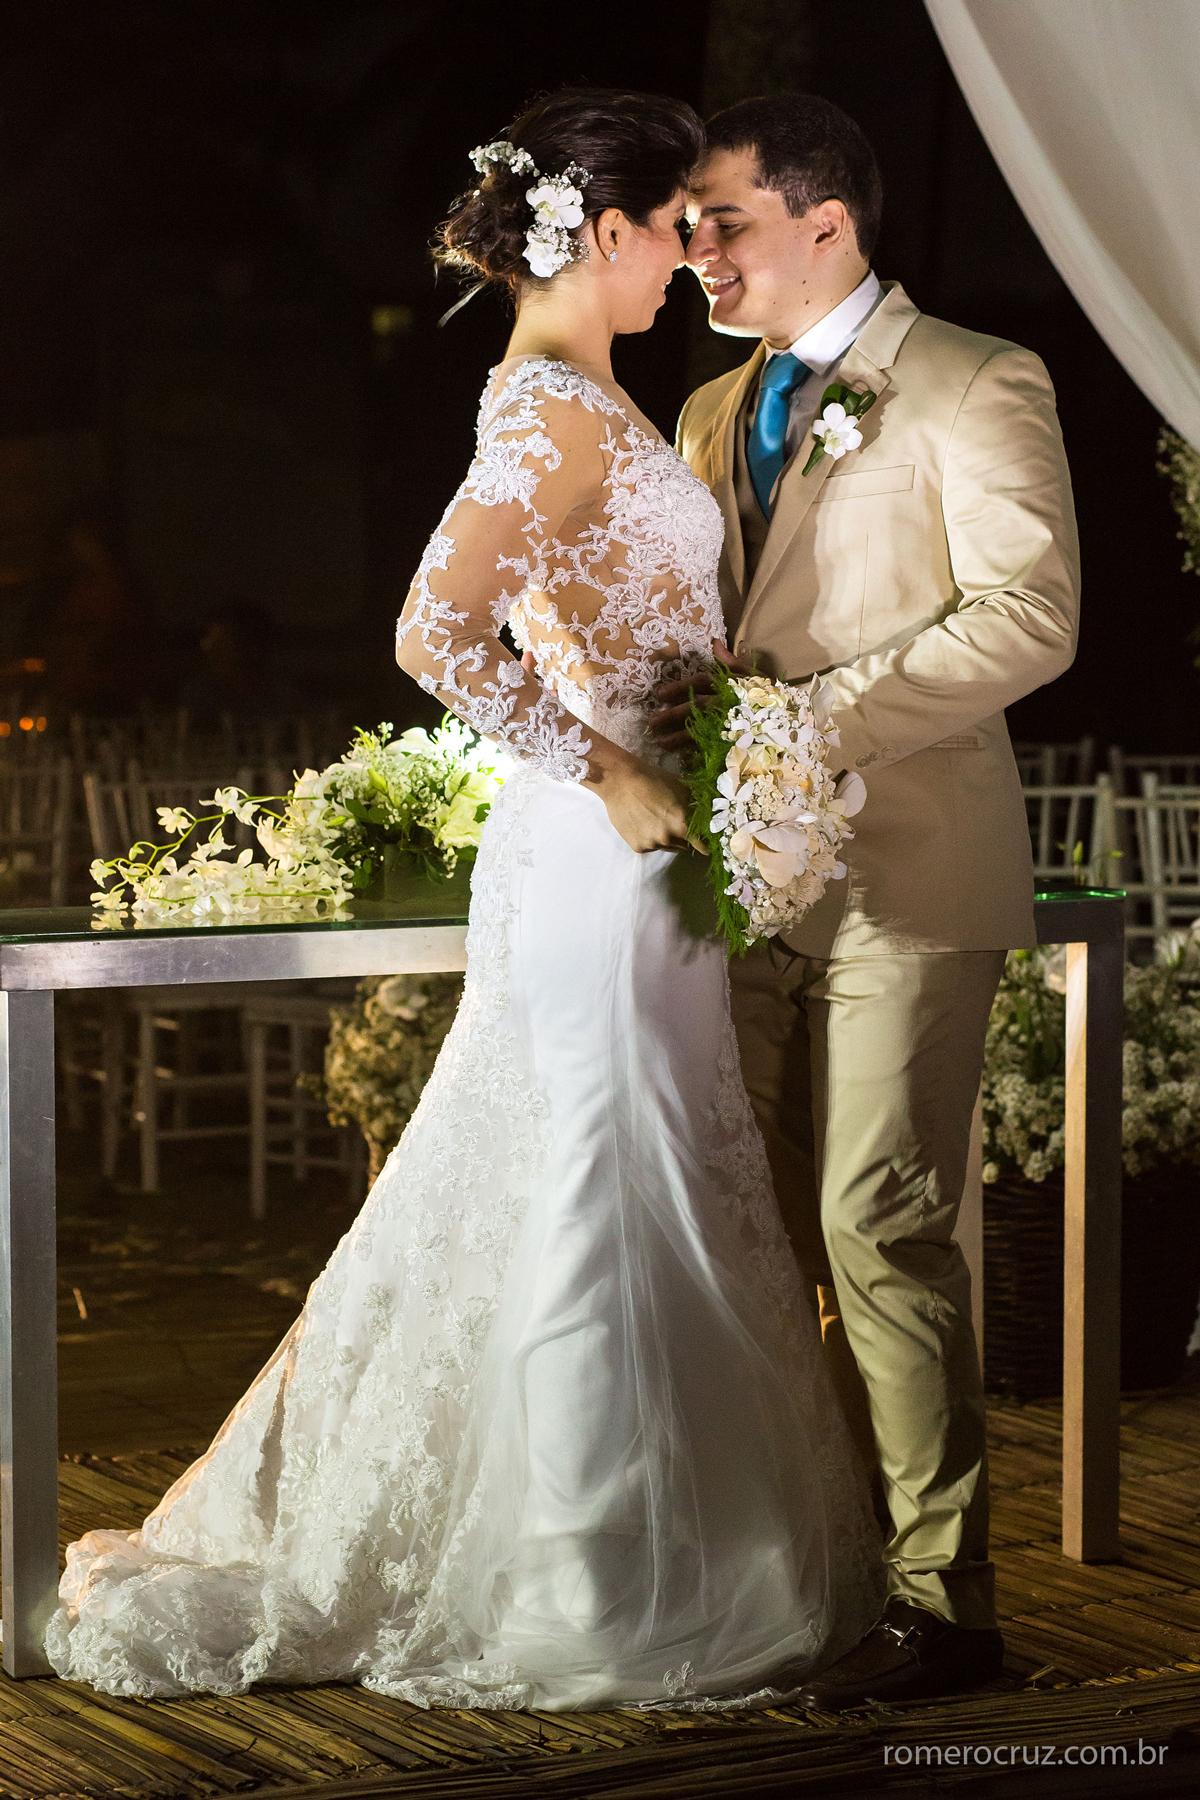 Foto do fotógrafo Romero Cruz no ensaio do casal Alysson e Marianne